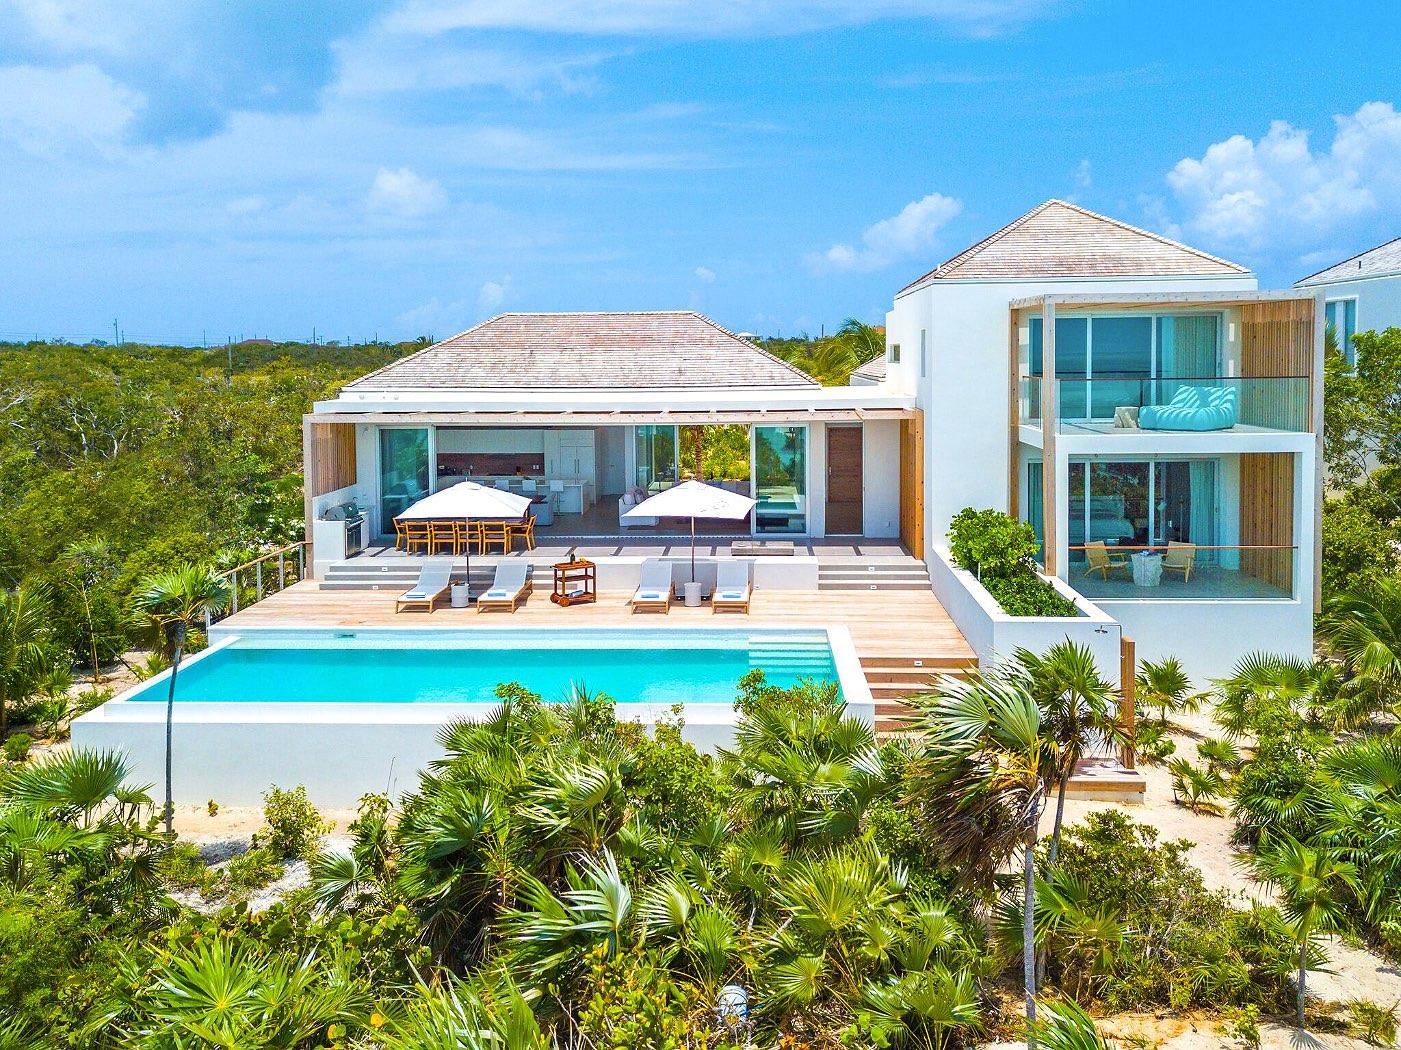 High-Res-Villa-2-Beach-Front-View-5b9a97edf0b48.jpg